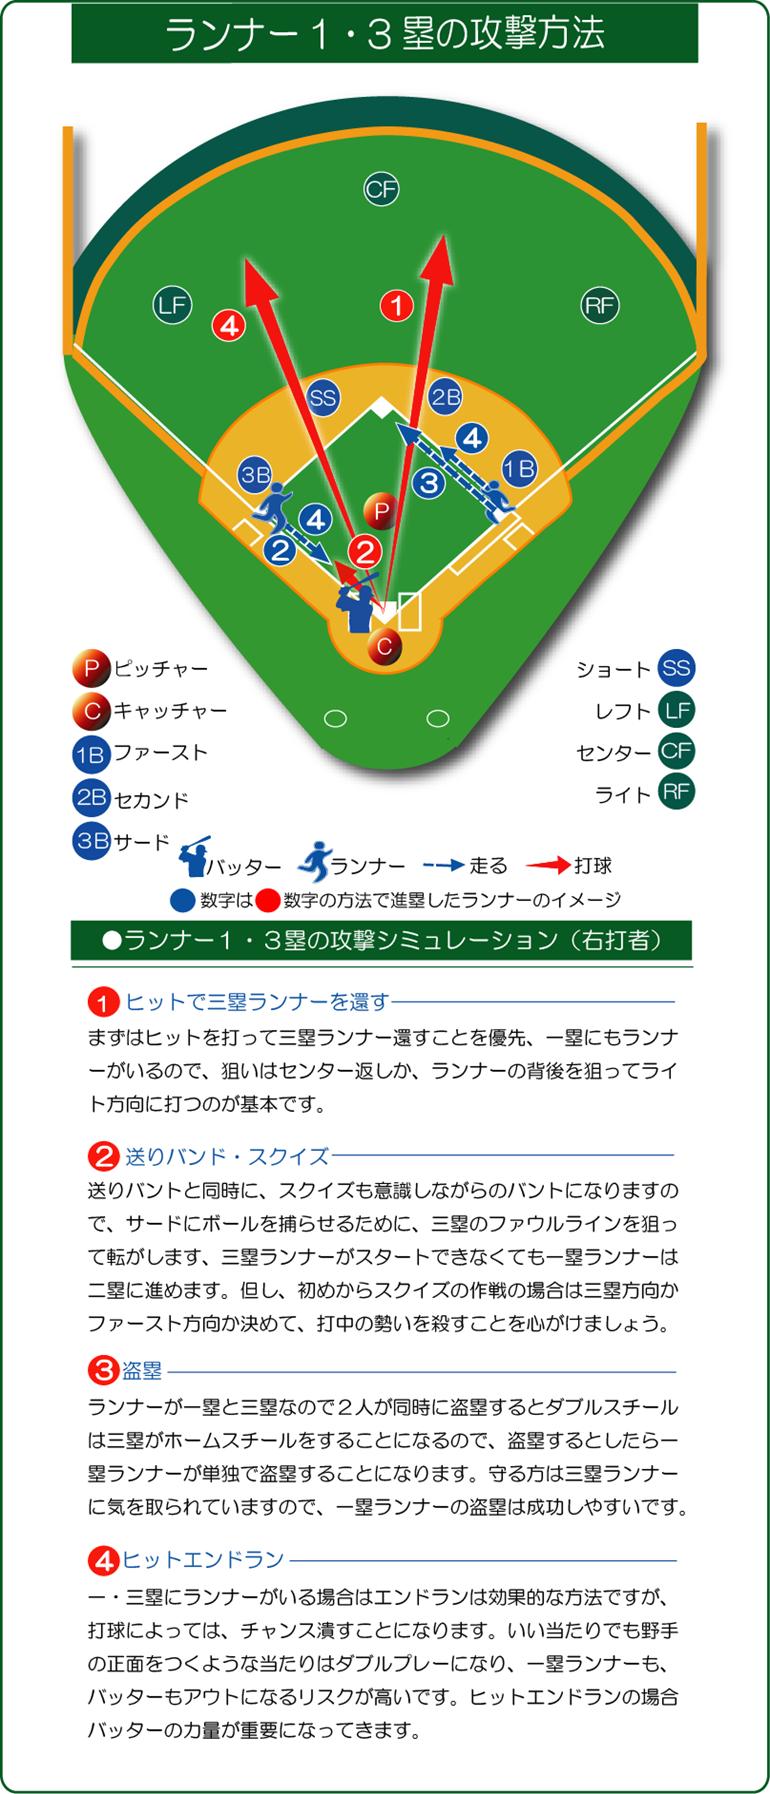 ランナー1・3攻撃方法 シミュレーション